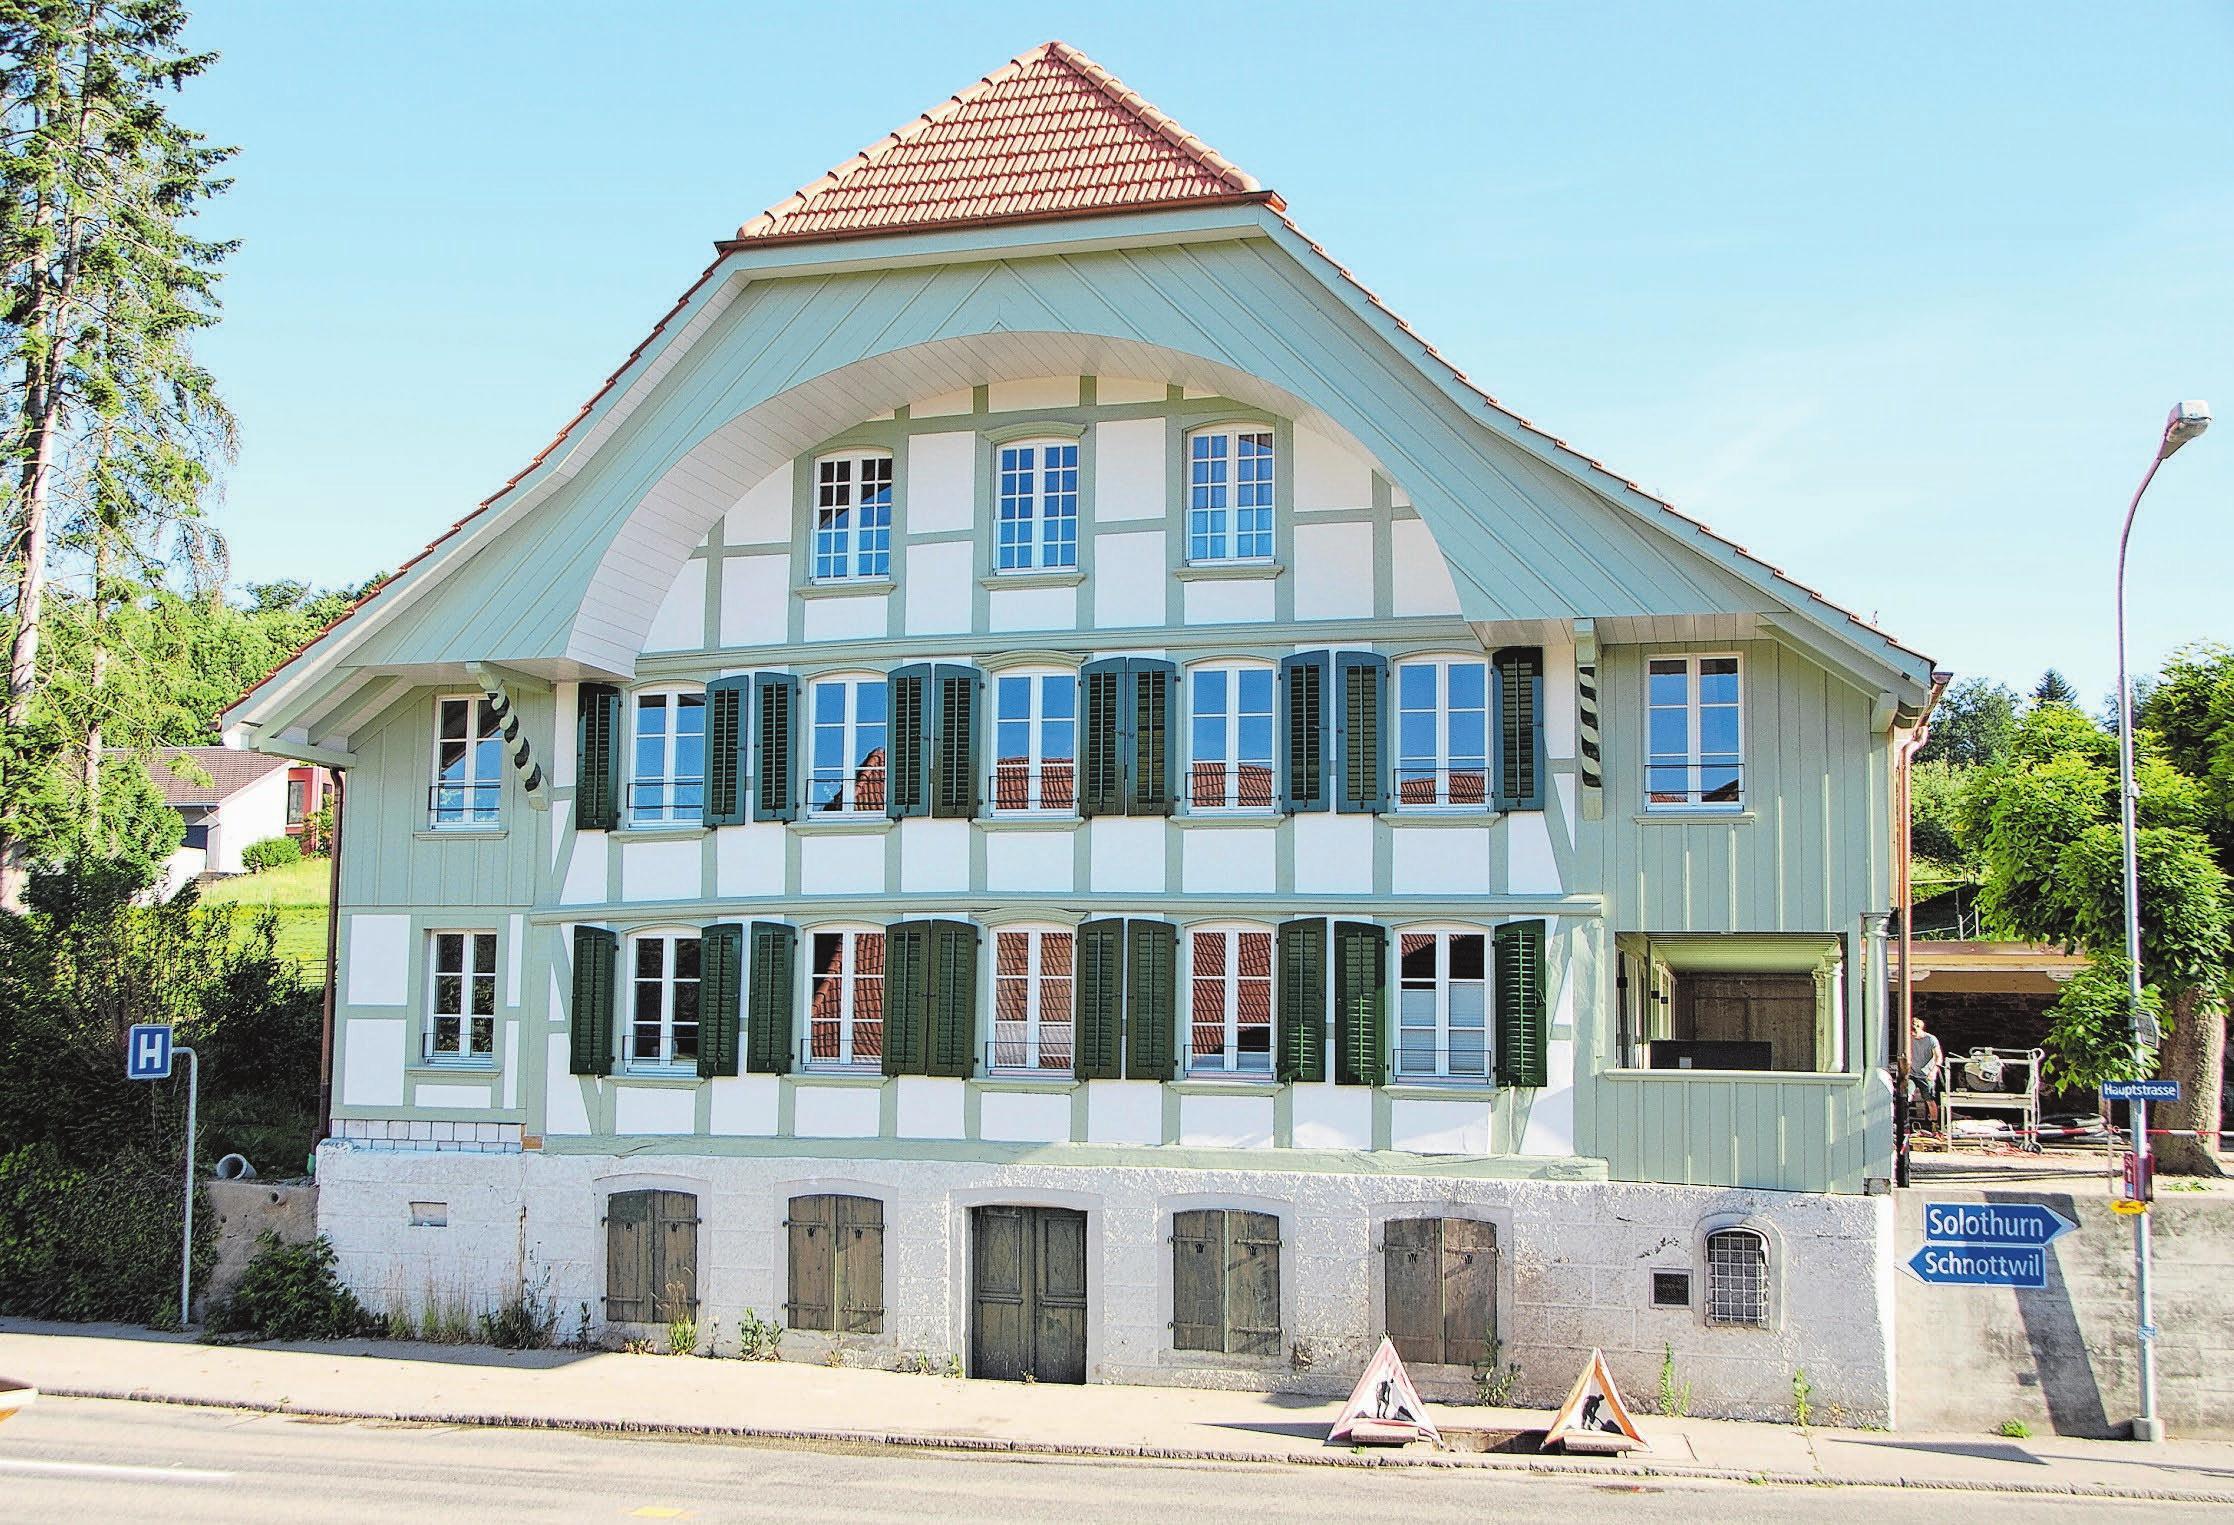 Die Fassade wurde restauriert, da sie unter Denkmalschutz steht. Bilder: zvg